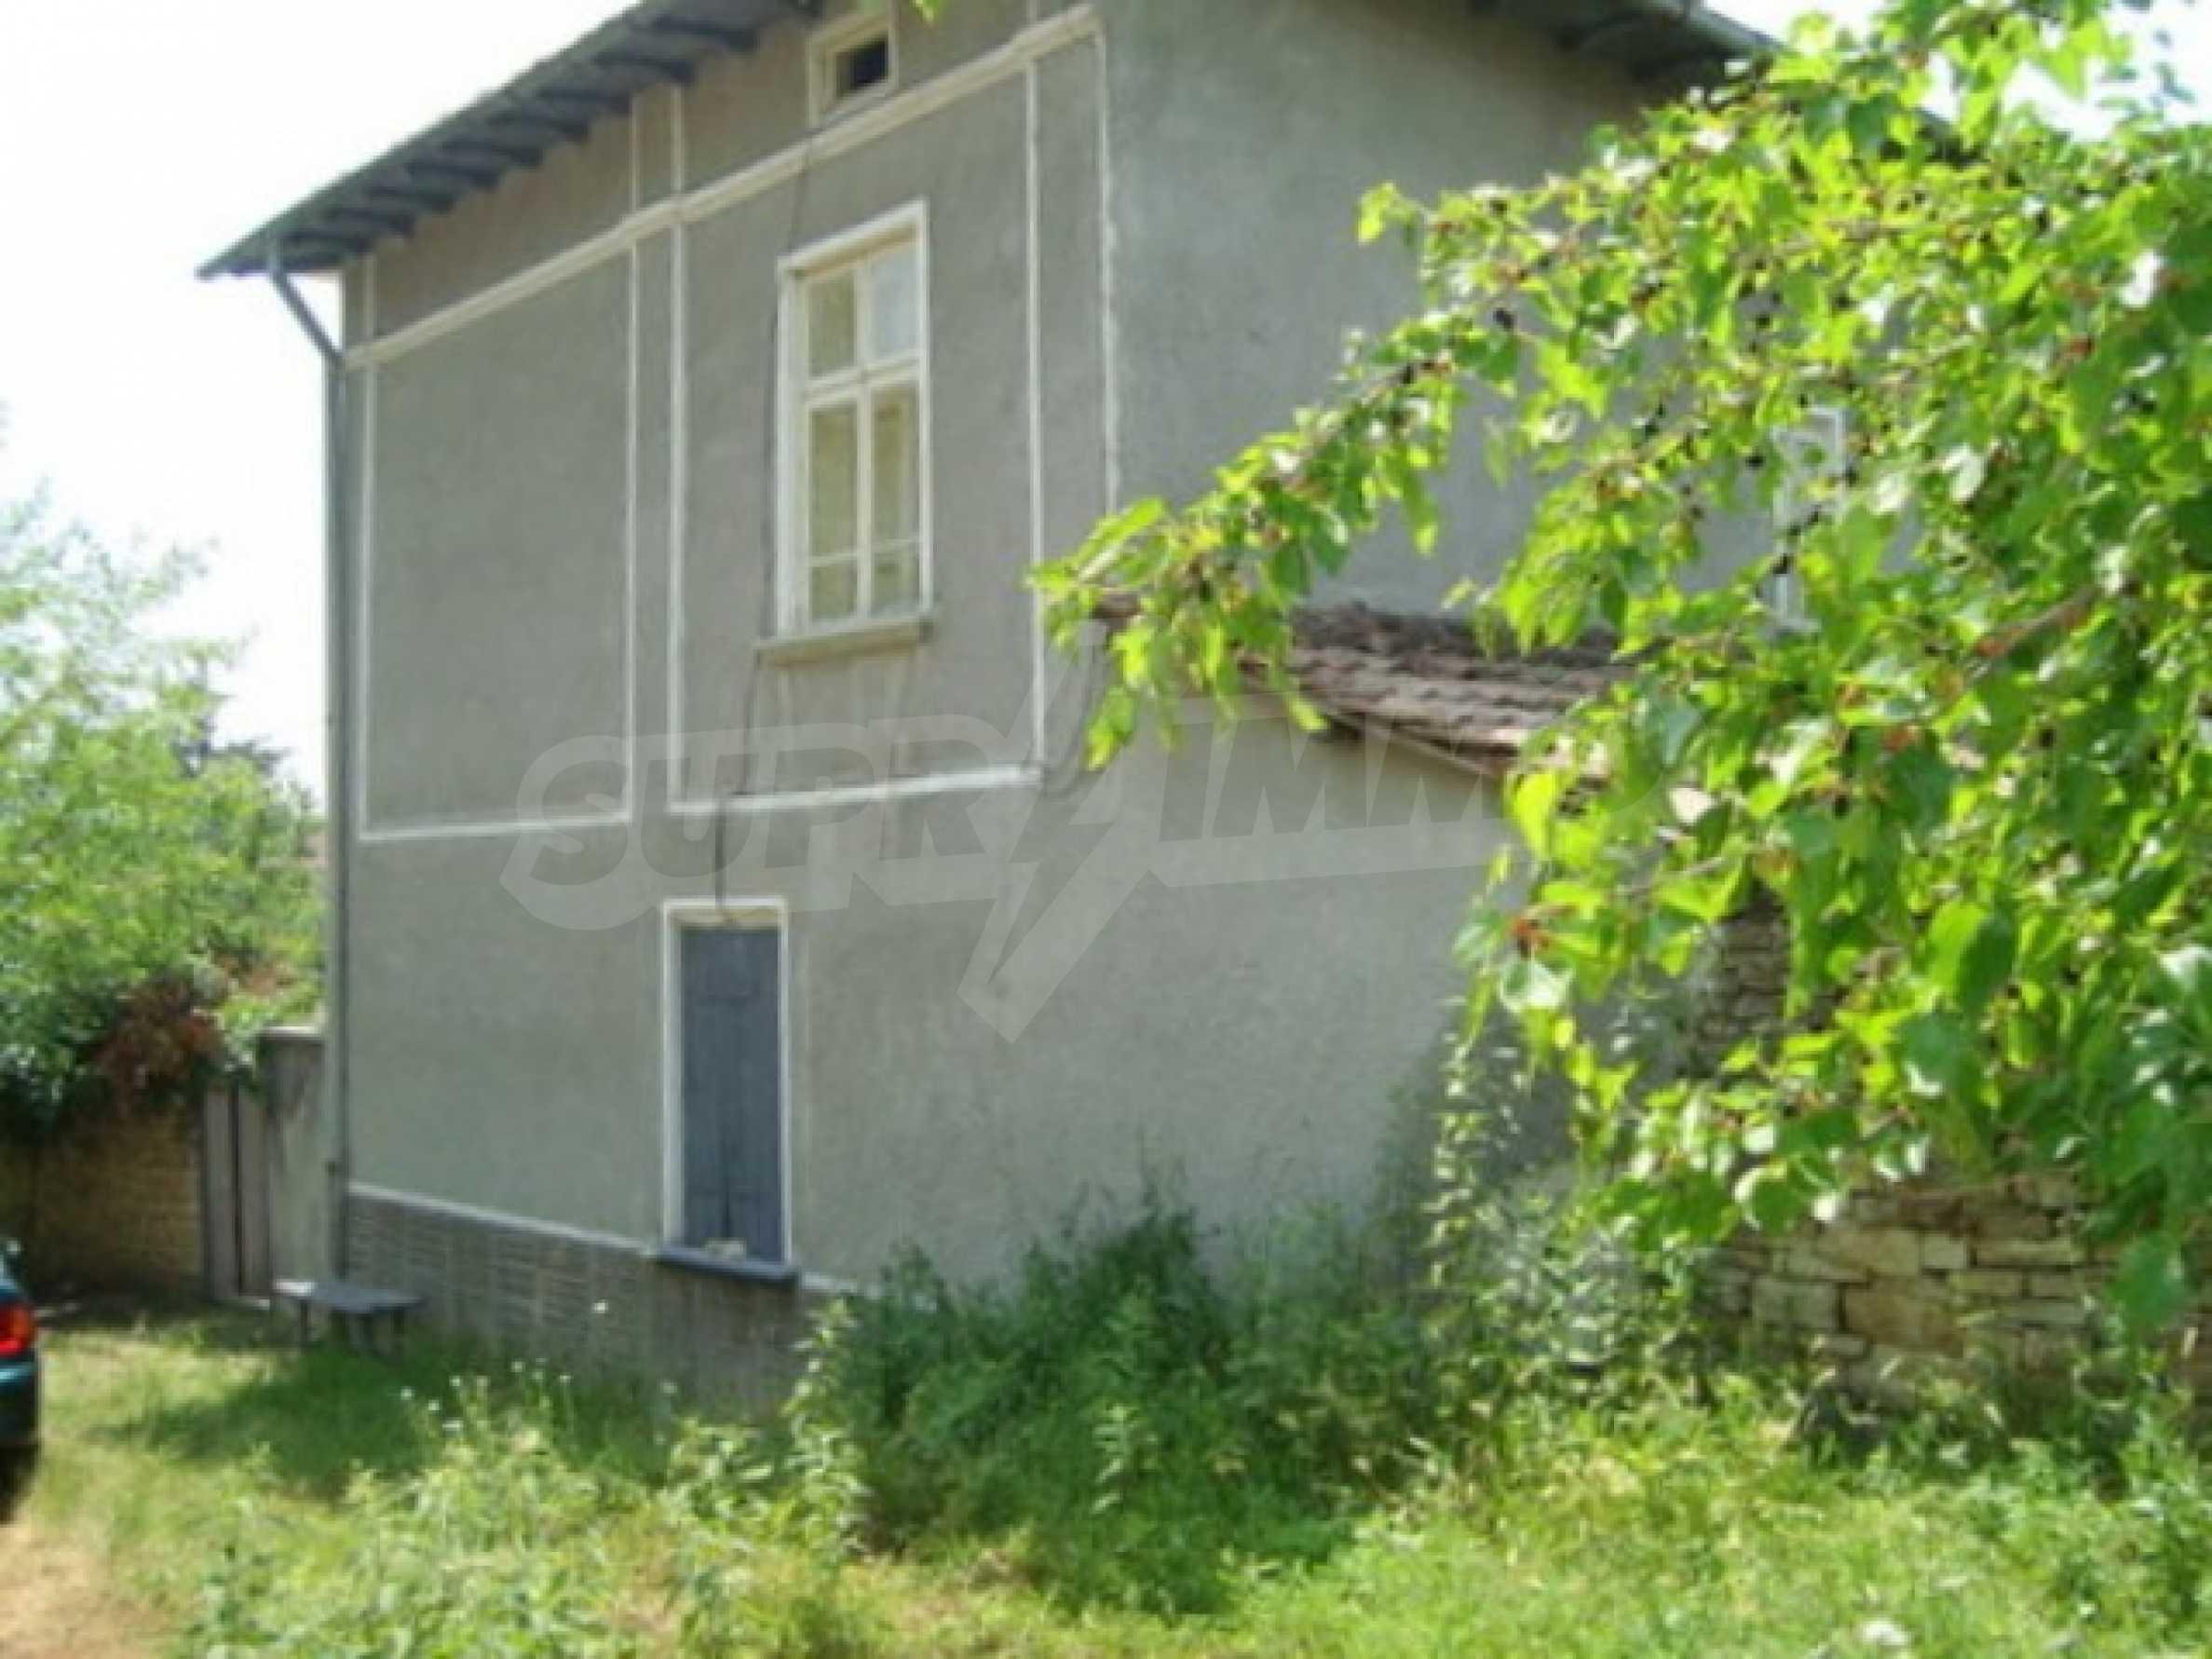 House in the village of Gorna Lipnica, Veliko Tarnovo 23